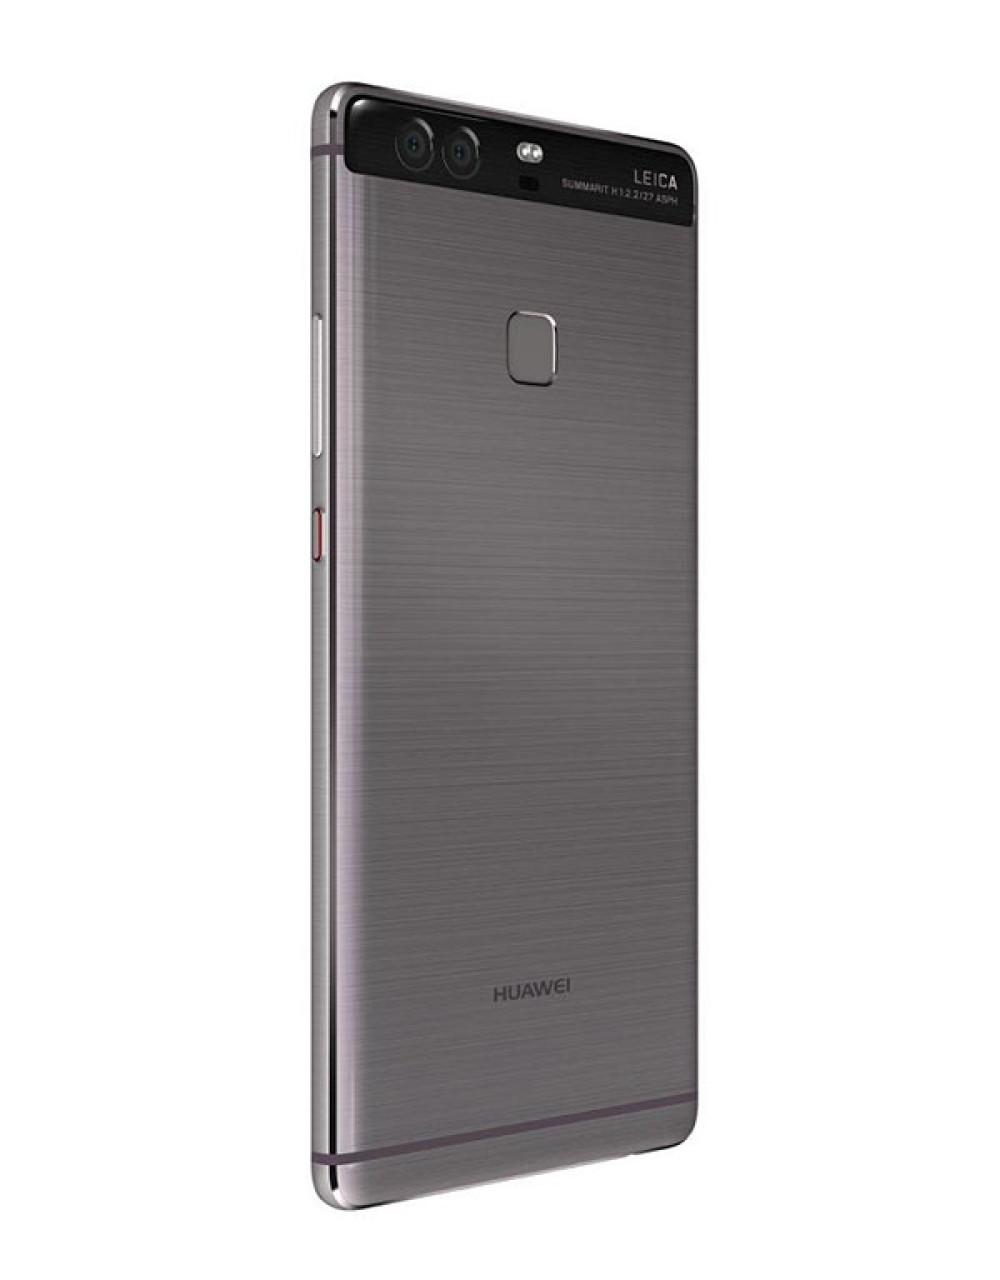 Huawei: Τεράστια η ζήτηση για τα P9/P9 Plus σε σύγκριση με τα περυσινά μοντέλα